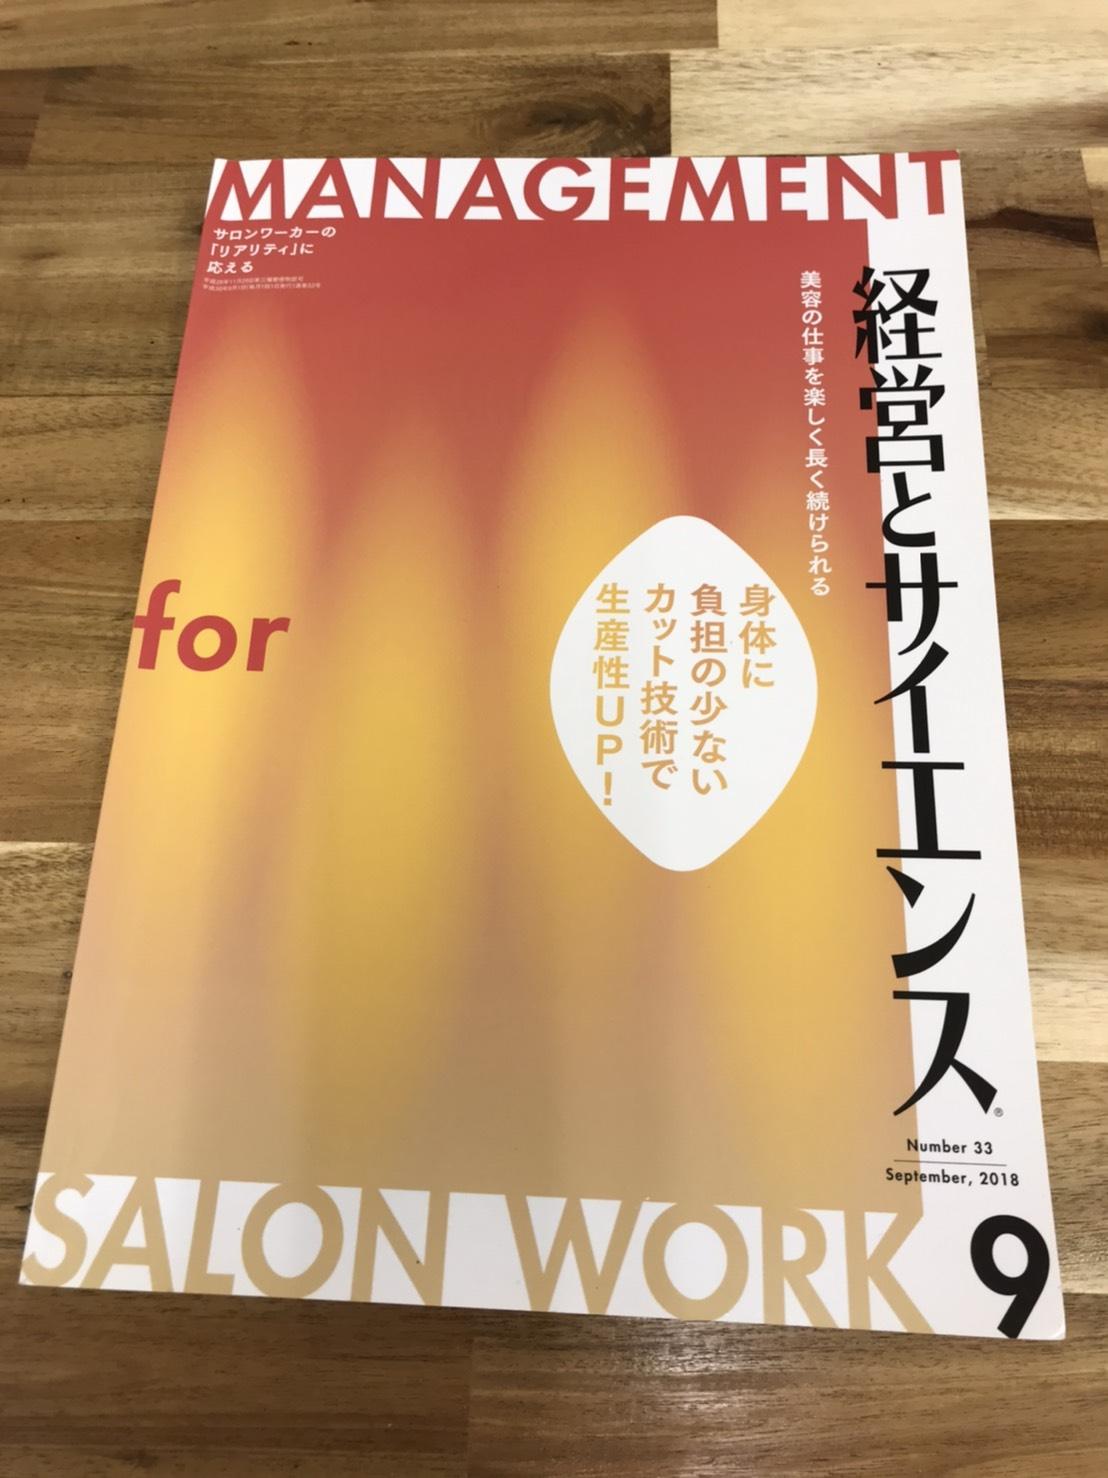 美容師にとって最適な身体の使い方とは~筑波大学と共同研究